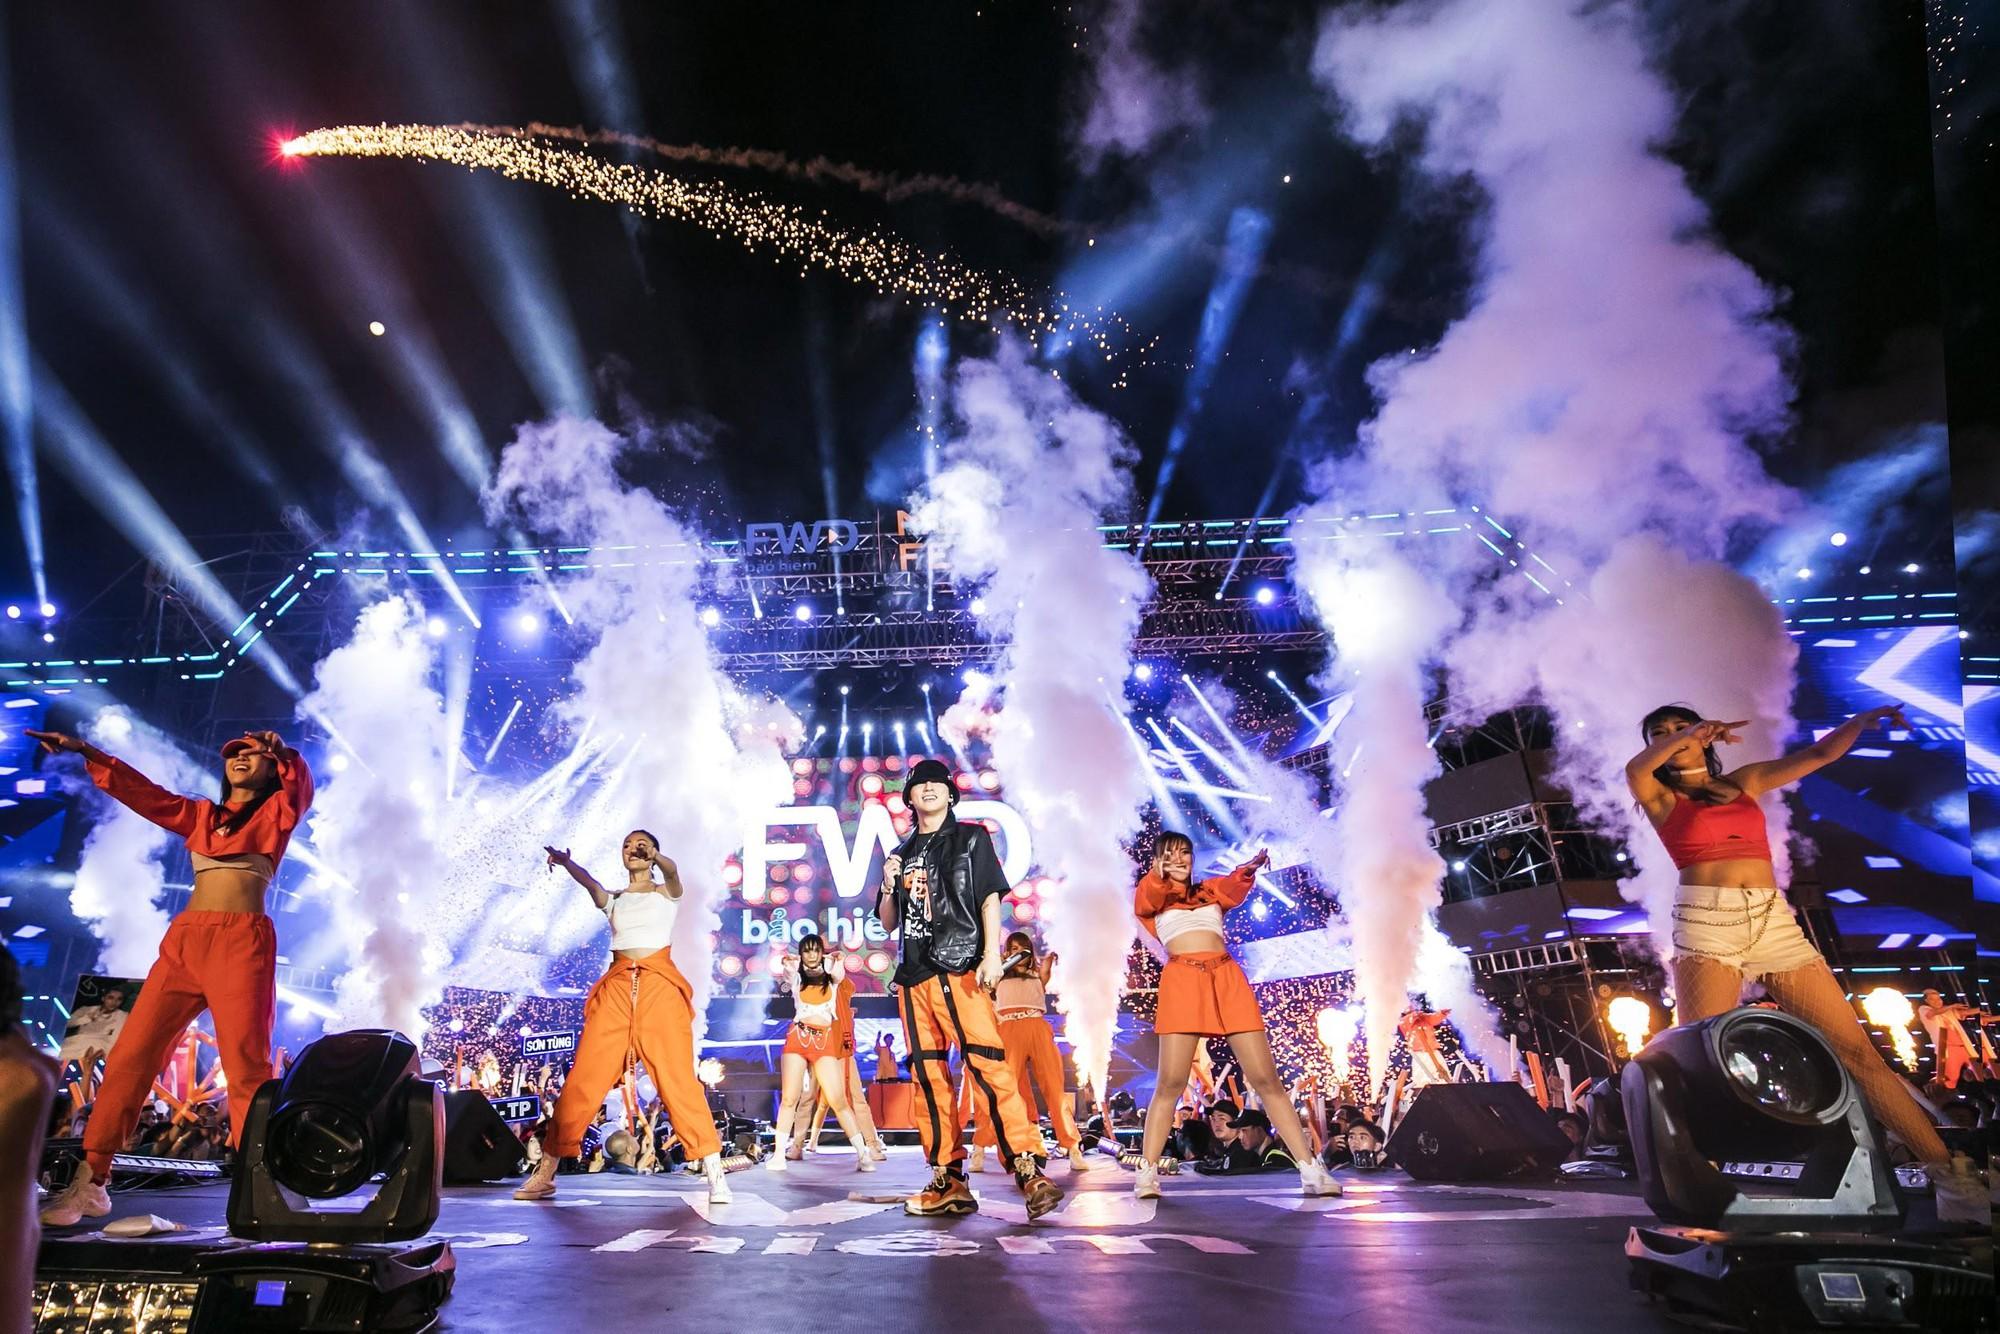 Sơn Tùng trở lại, Đen Vâu lần đầu góp mặt: Liệu hit nào sẽ làm nổ tung sân khấu đại nhạc hội tháng 10 này! - Ảnh 2.